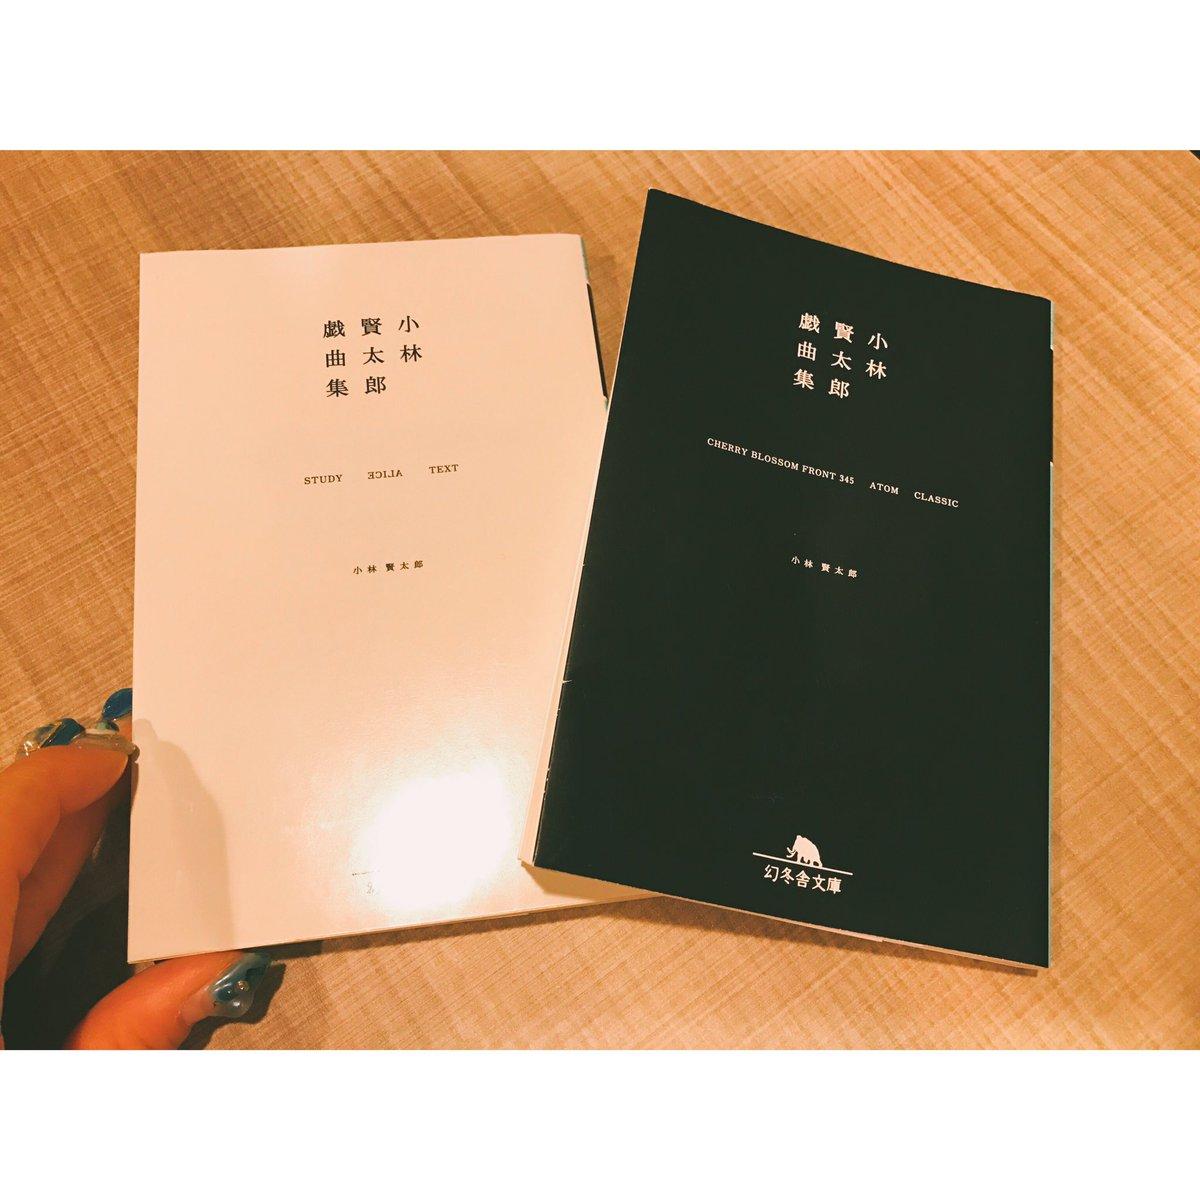 小林賢太郎さんの戯曲集を購入。 私がもっとも大好きなお笑い芸人さん。ラーメンズさん。 小さい頃からお…